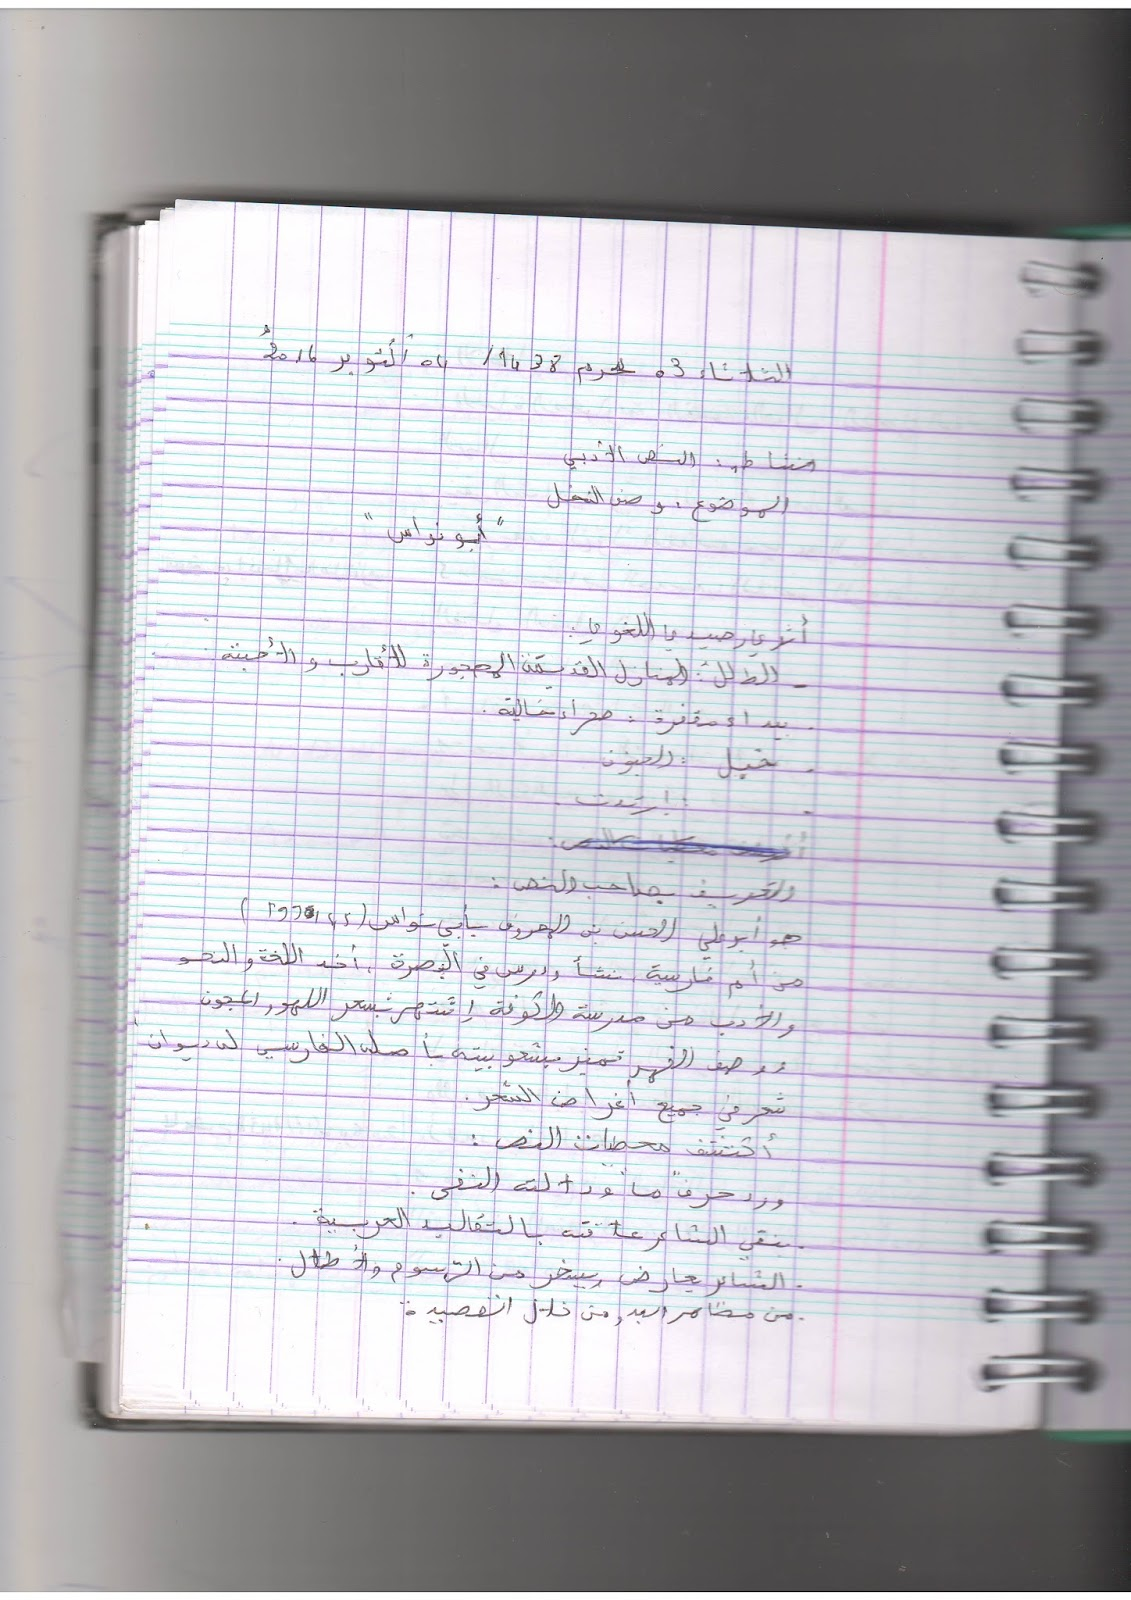 تحضير نص وصف النخل لابي نواس للسنة الثانية 2 ثانوي شعبة الاداب  Image%2B%25285%2529